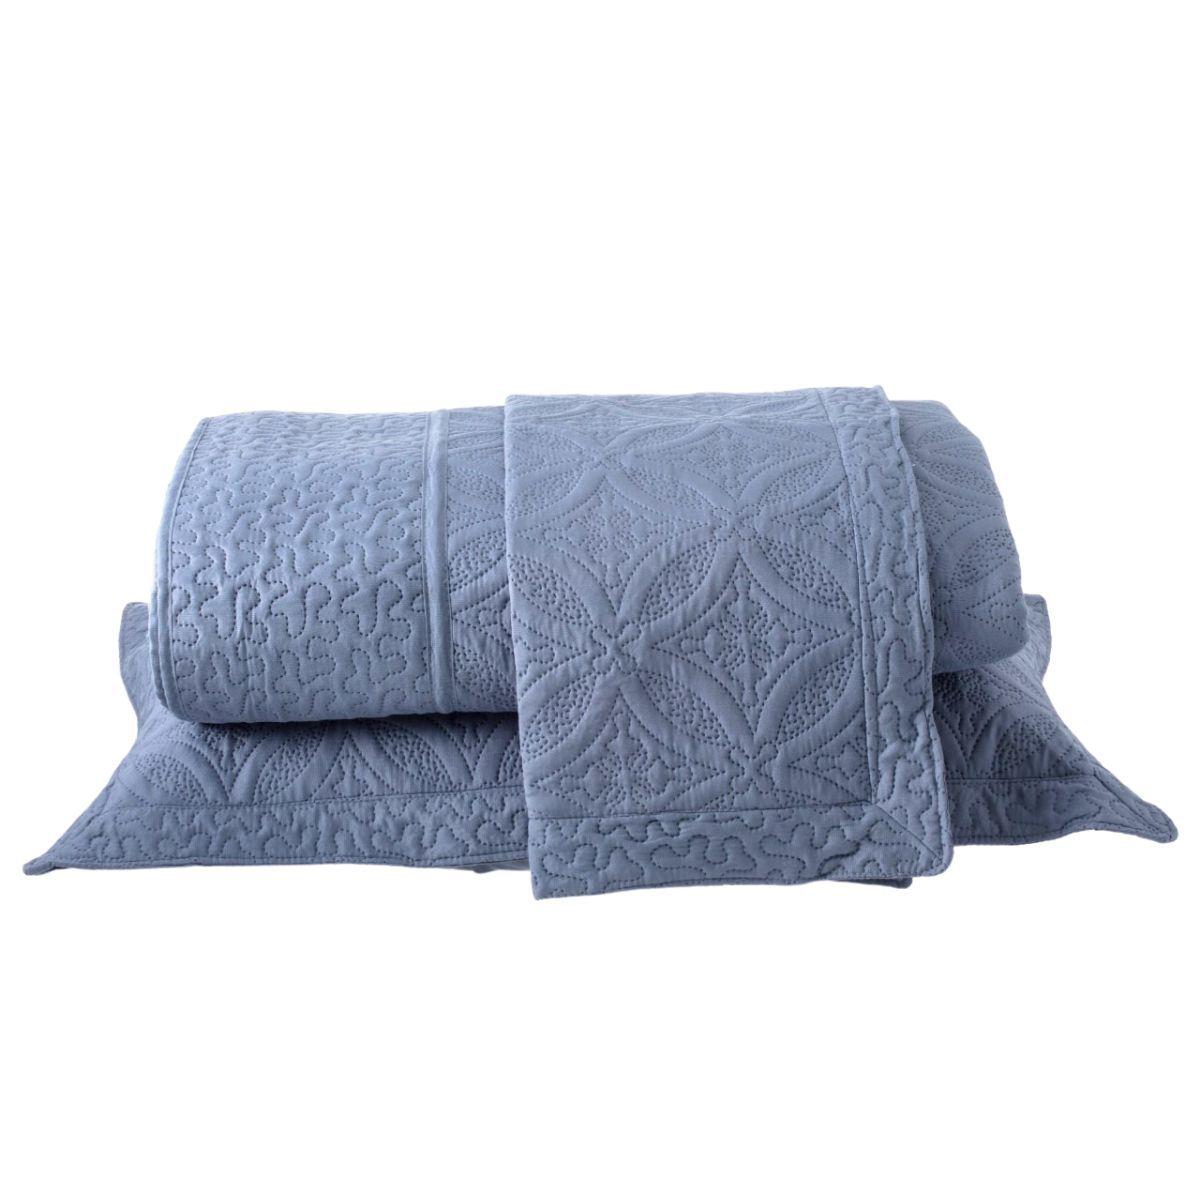 Kit: 1 Colcha Cobre-leito Provence Casal de Microfibra Ultrasonic + 2 Porta-travesseiros AZULE